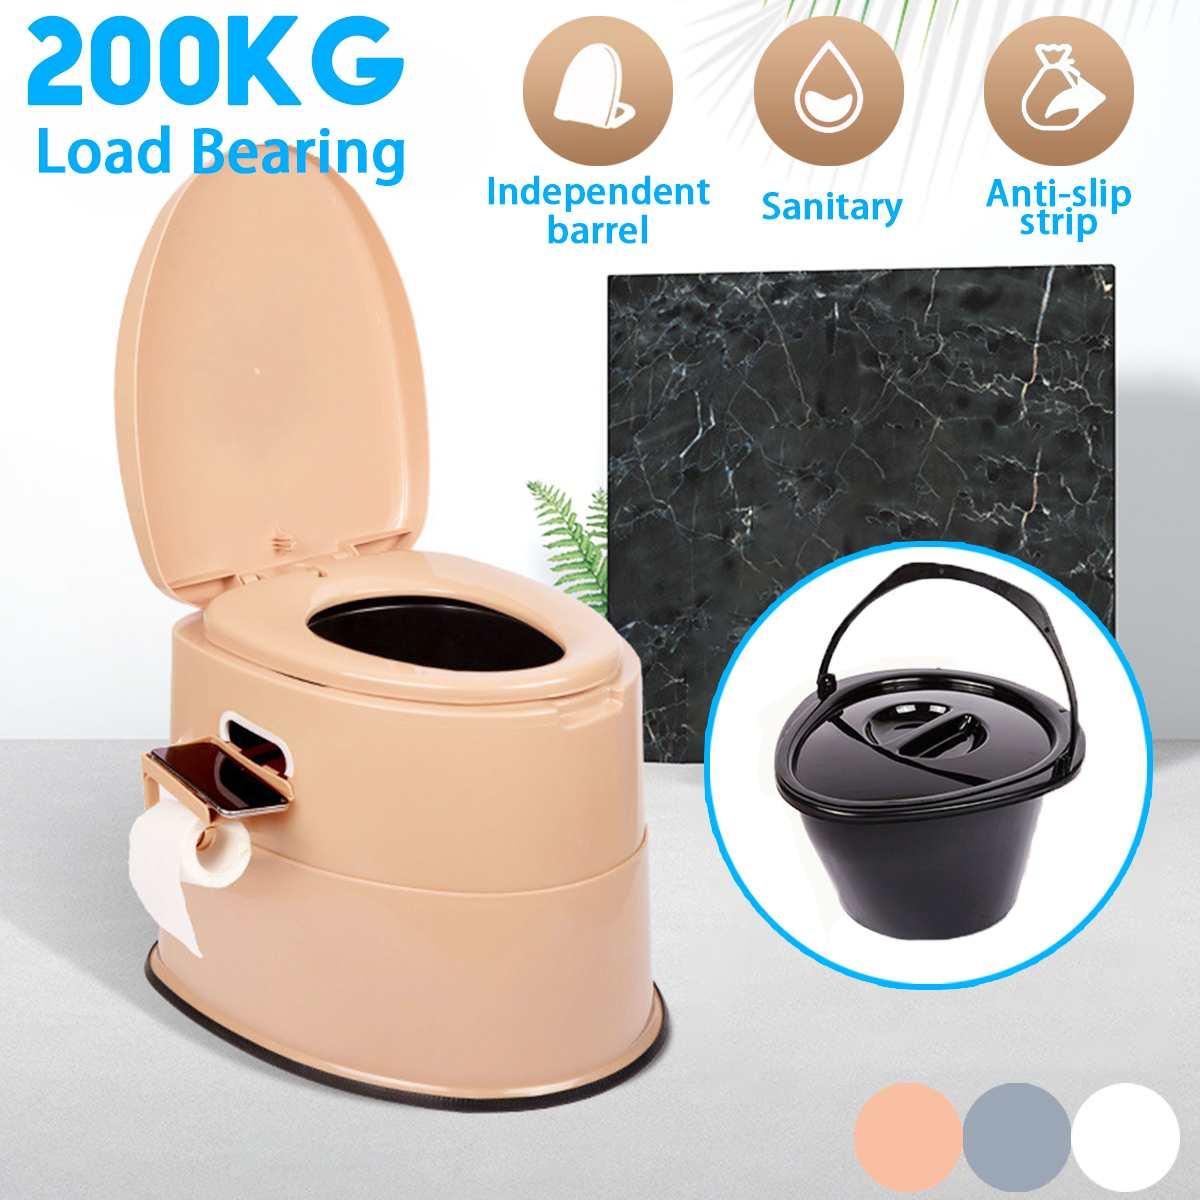 Taburete de inodoro portátil para ancianos, inodoro móvil para embarazadas o personas con discapacidad, orinal para ancianos, para viaje, Camping al aire libre